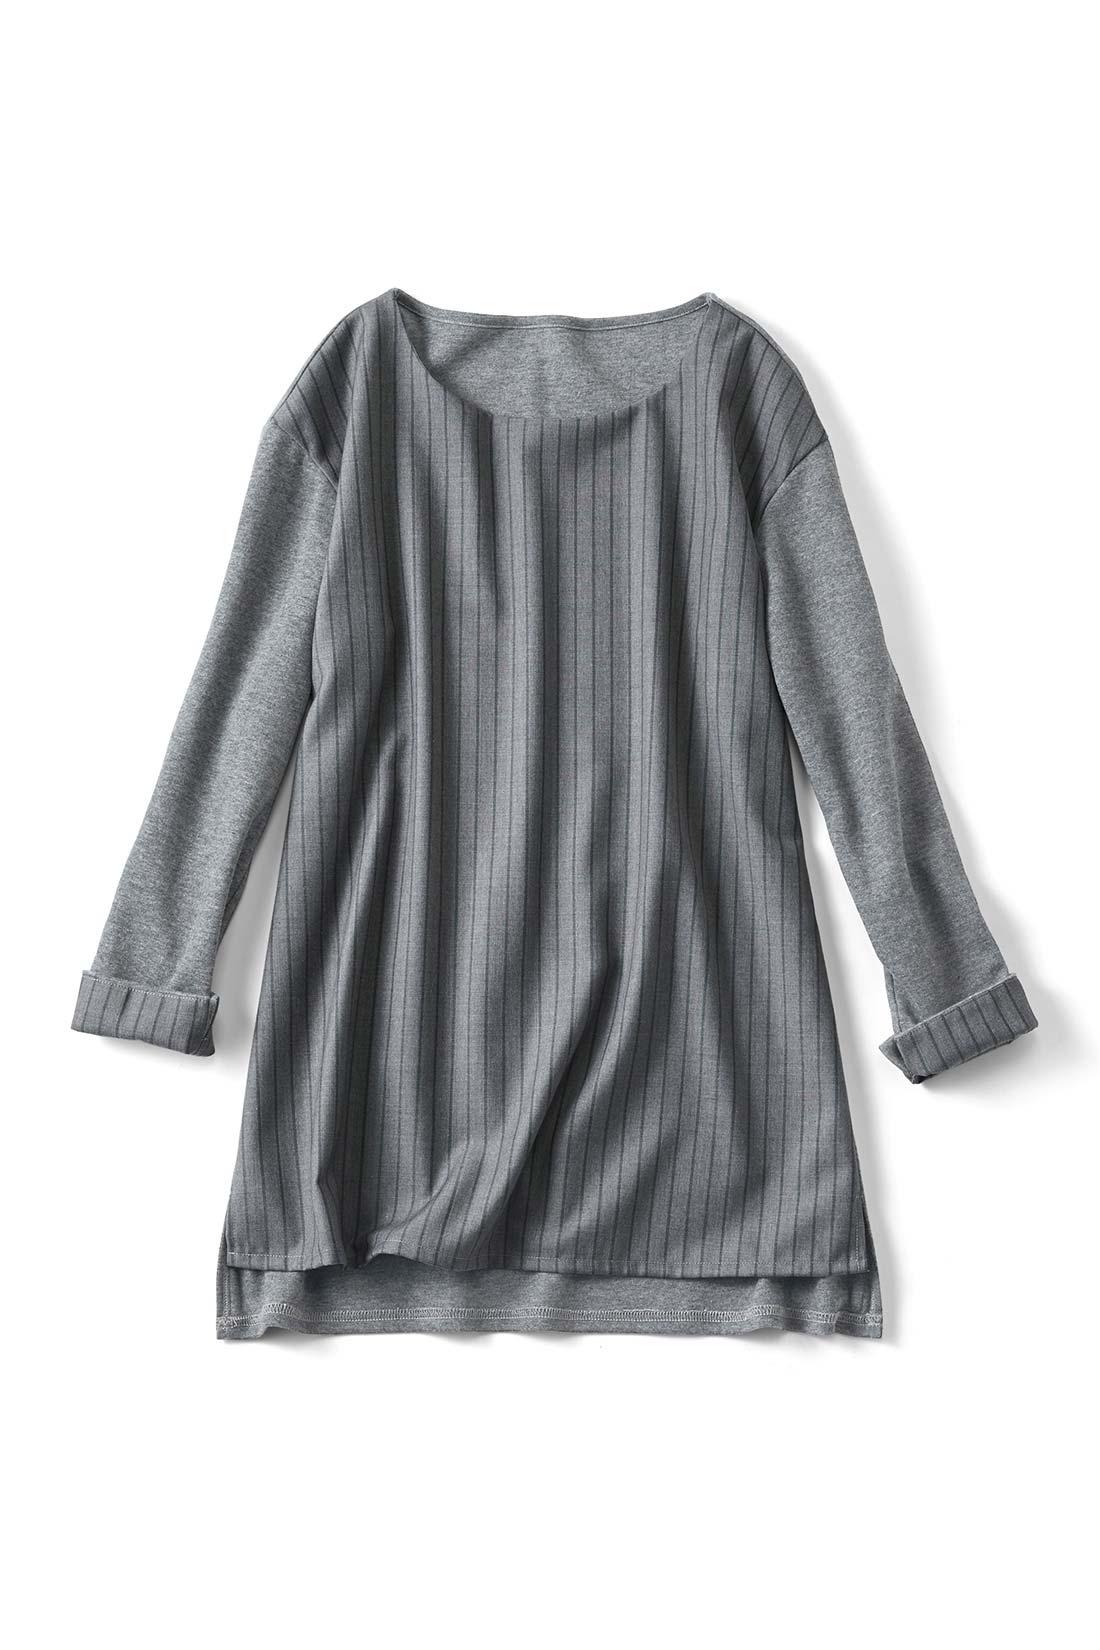 【グレー】全体の色味をシックにワントーンでまとめたので、夏の終わりから秋にかけてのおしゃれにぴったり。袖を折り返してもおしゃれ。丈は後ろだけ少し長いです。